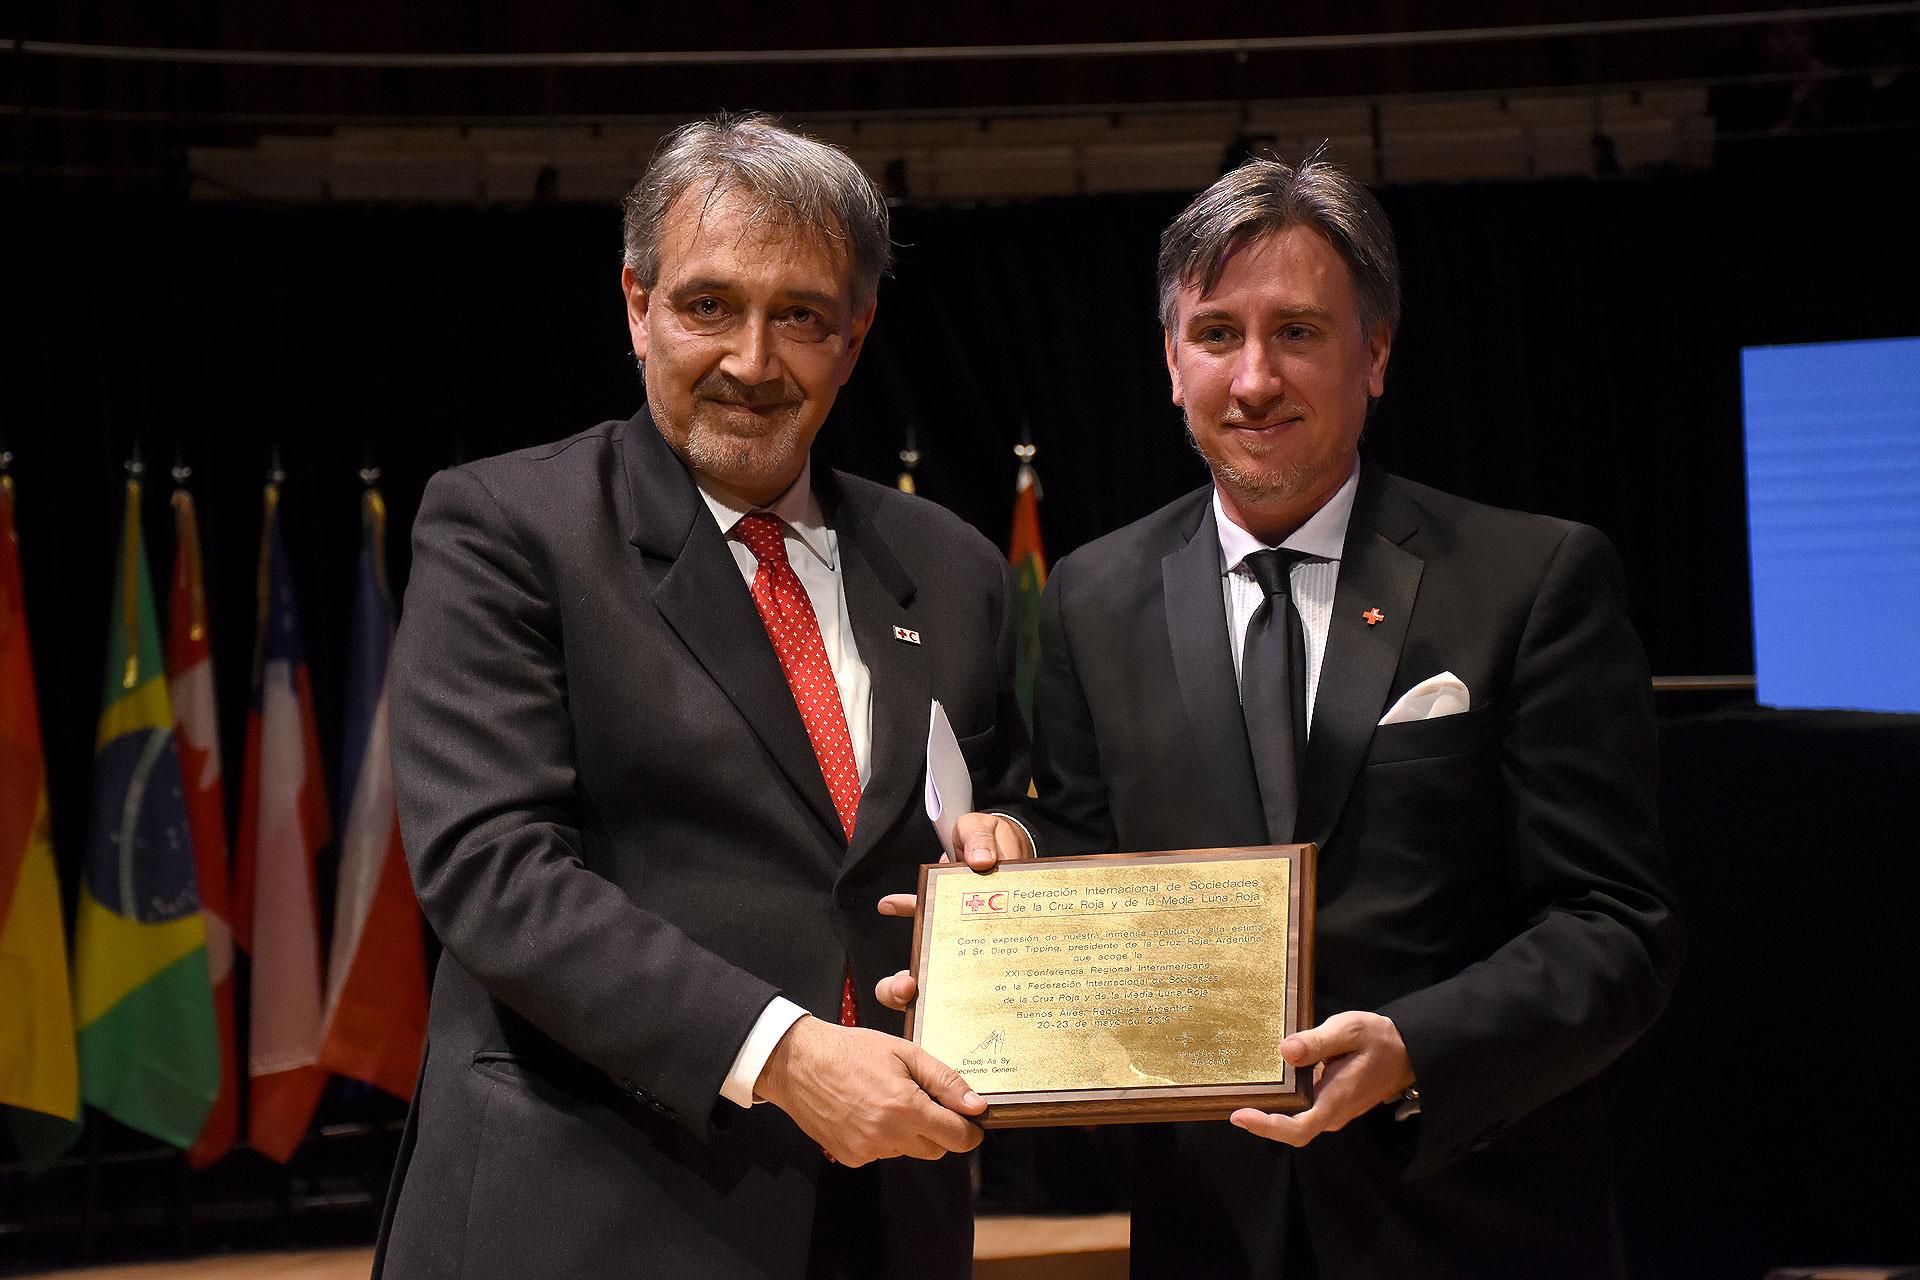 La entrega de una placa conmemorativa a Diego Tipping, presidente de Cruz Roja Argentina